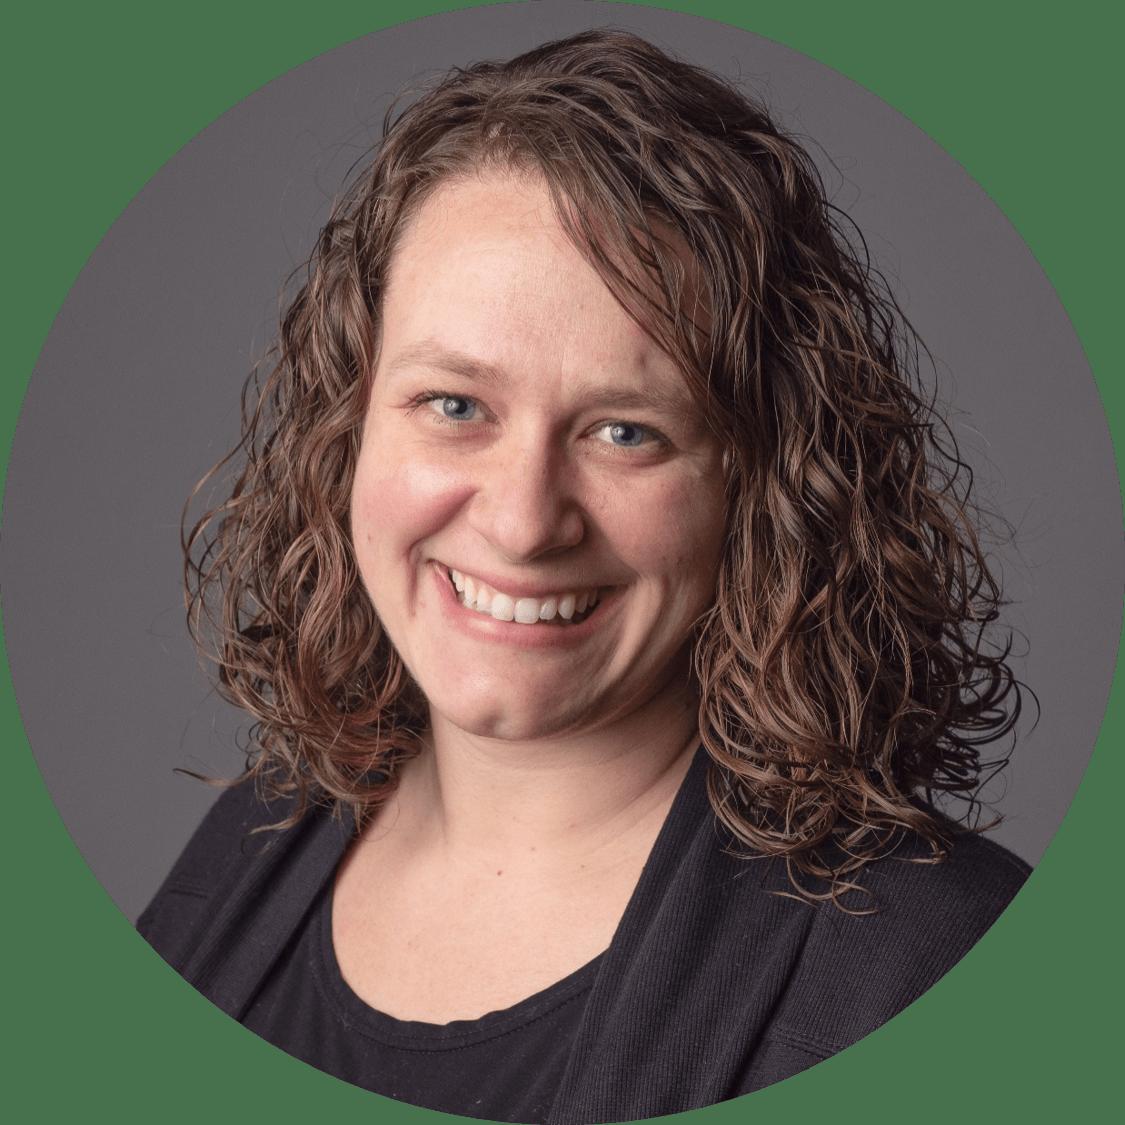 Erin Kiser